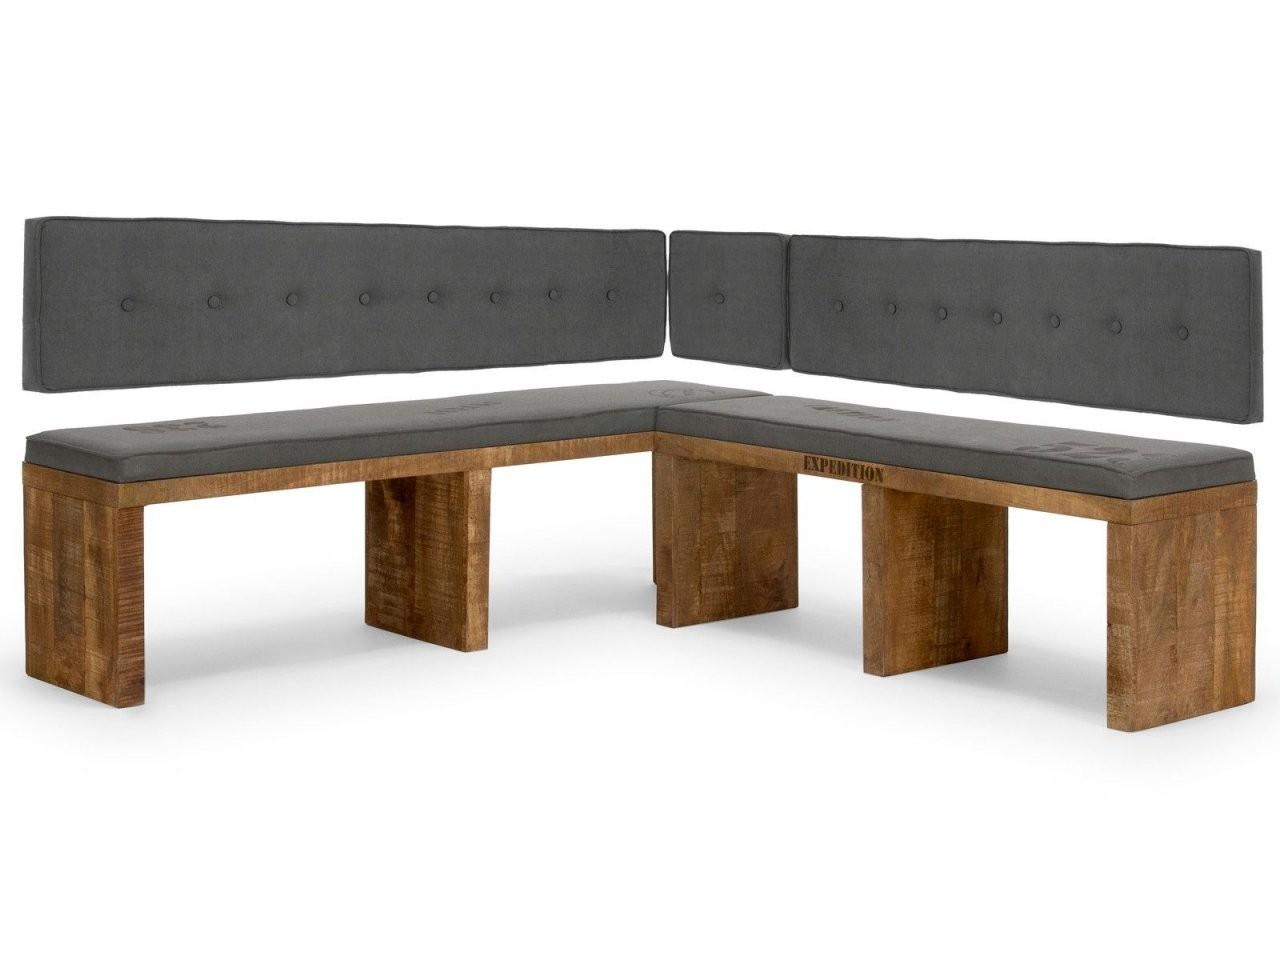 Eckbank Sheffield  Eckbank  Dining Room Bench Bench Furniture Und von Eckbank Mit Stauraum Selber Bauen Bild